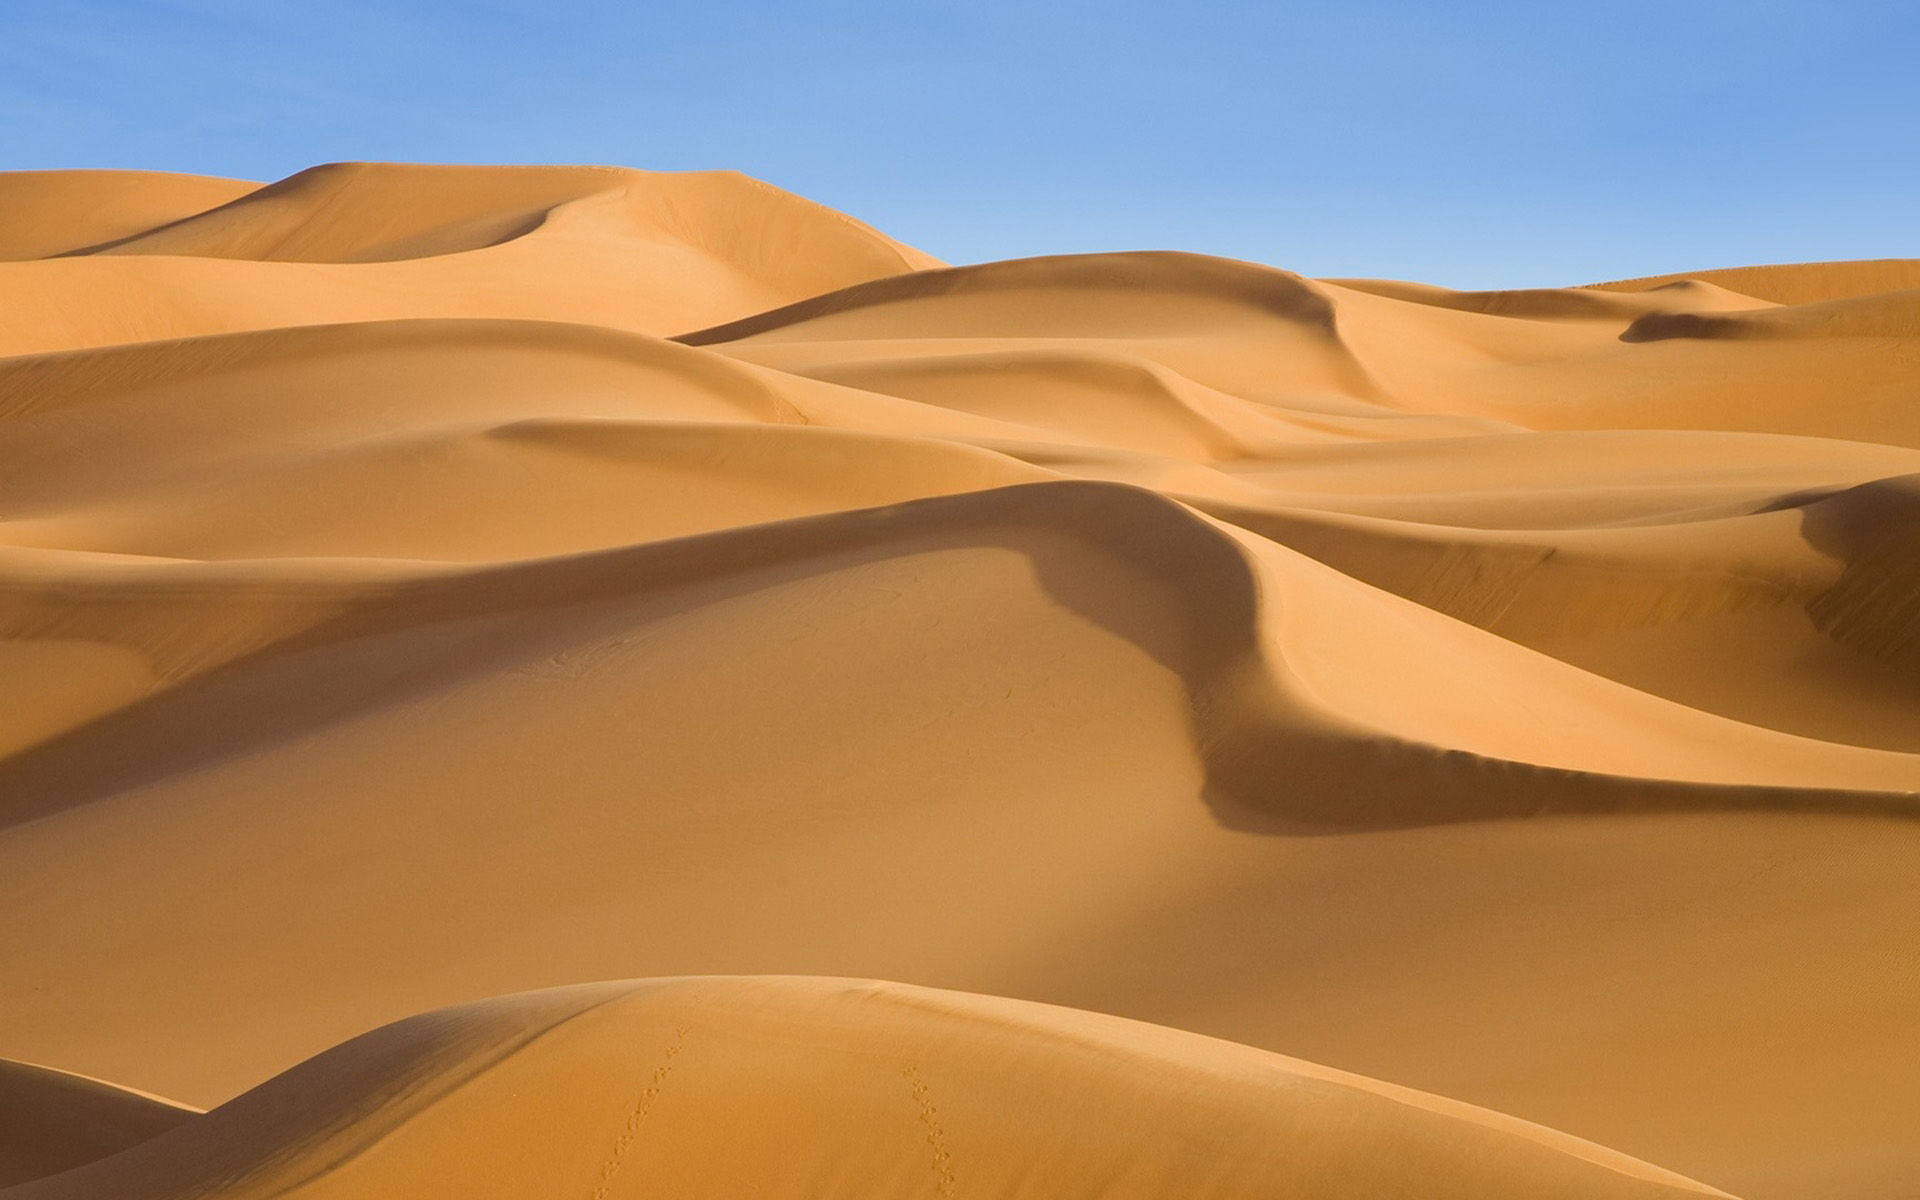 酷热沙漠黄沙风景桌面壁纸,一望无垠的沙漠极为壮观!